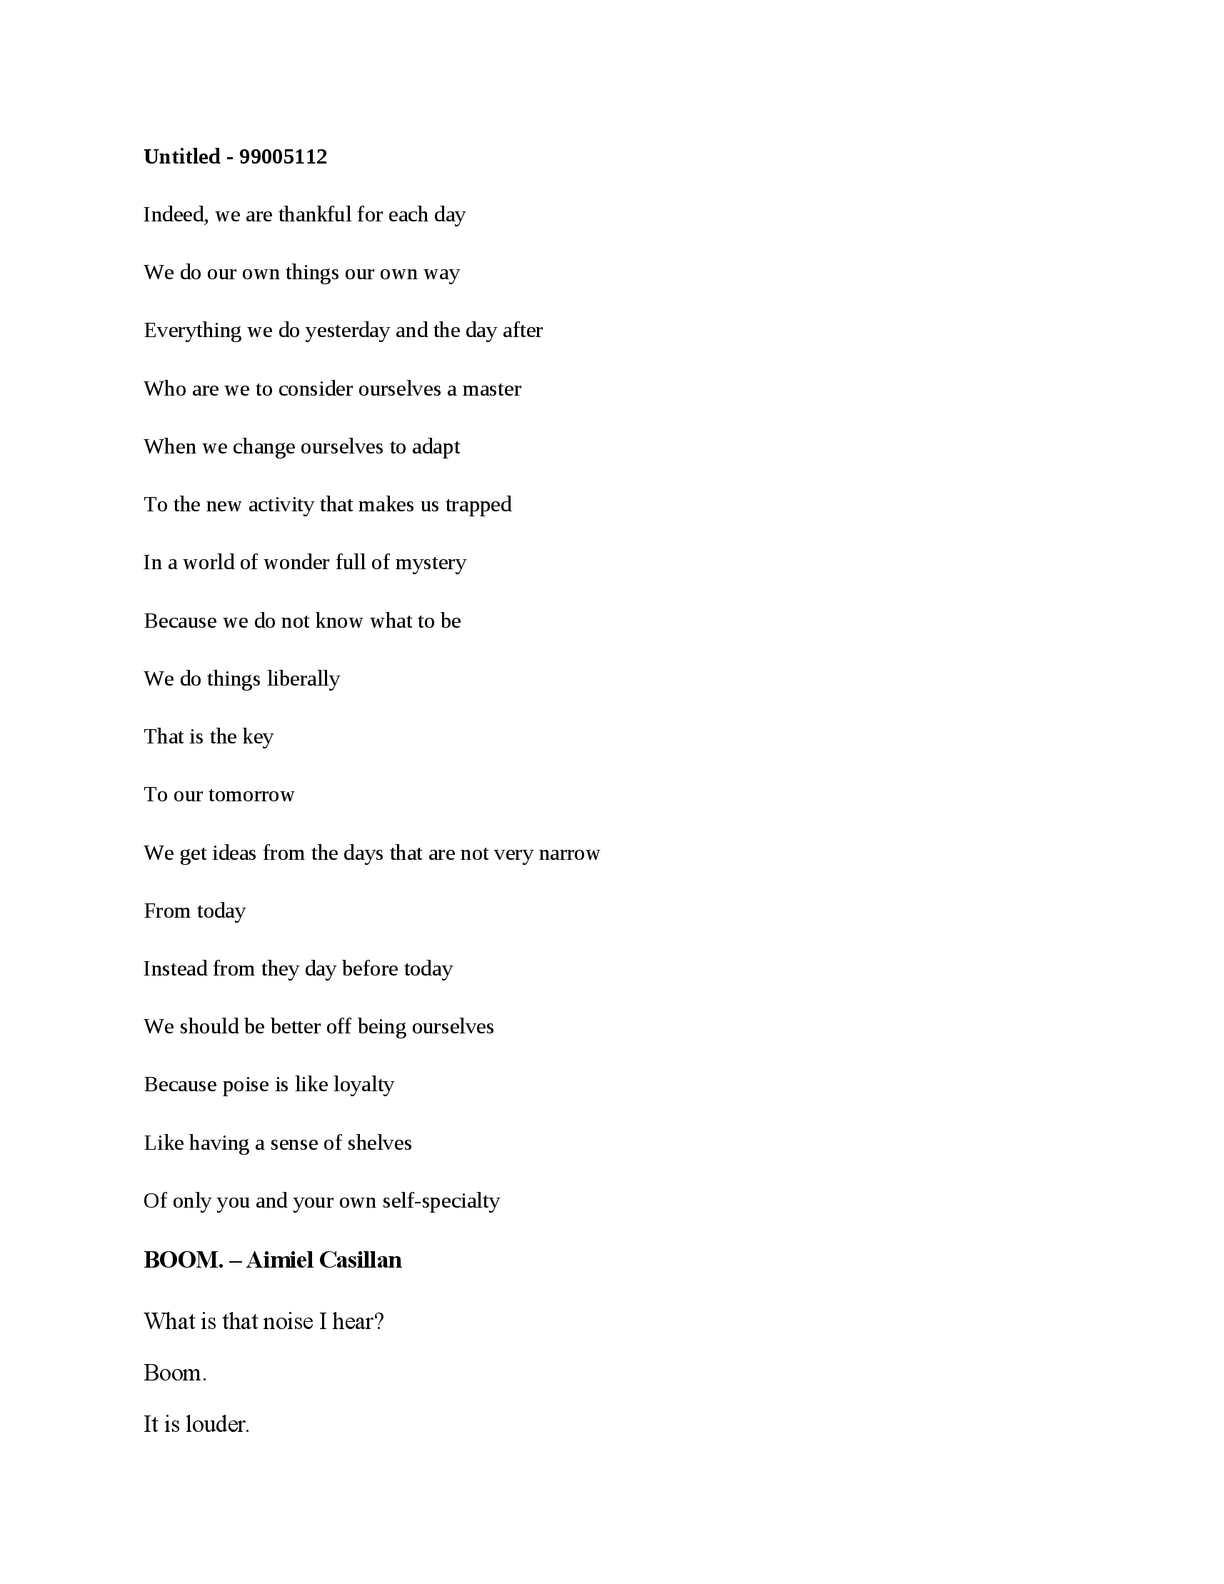 Calaméo - Poems